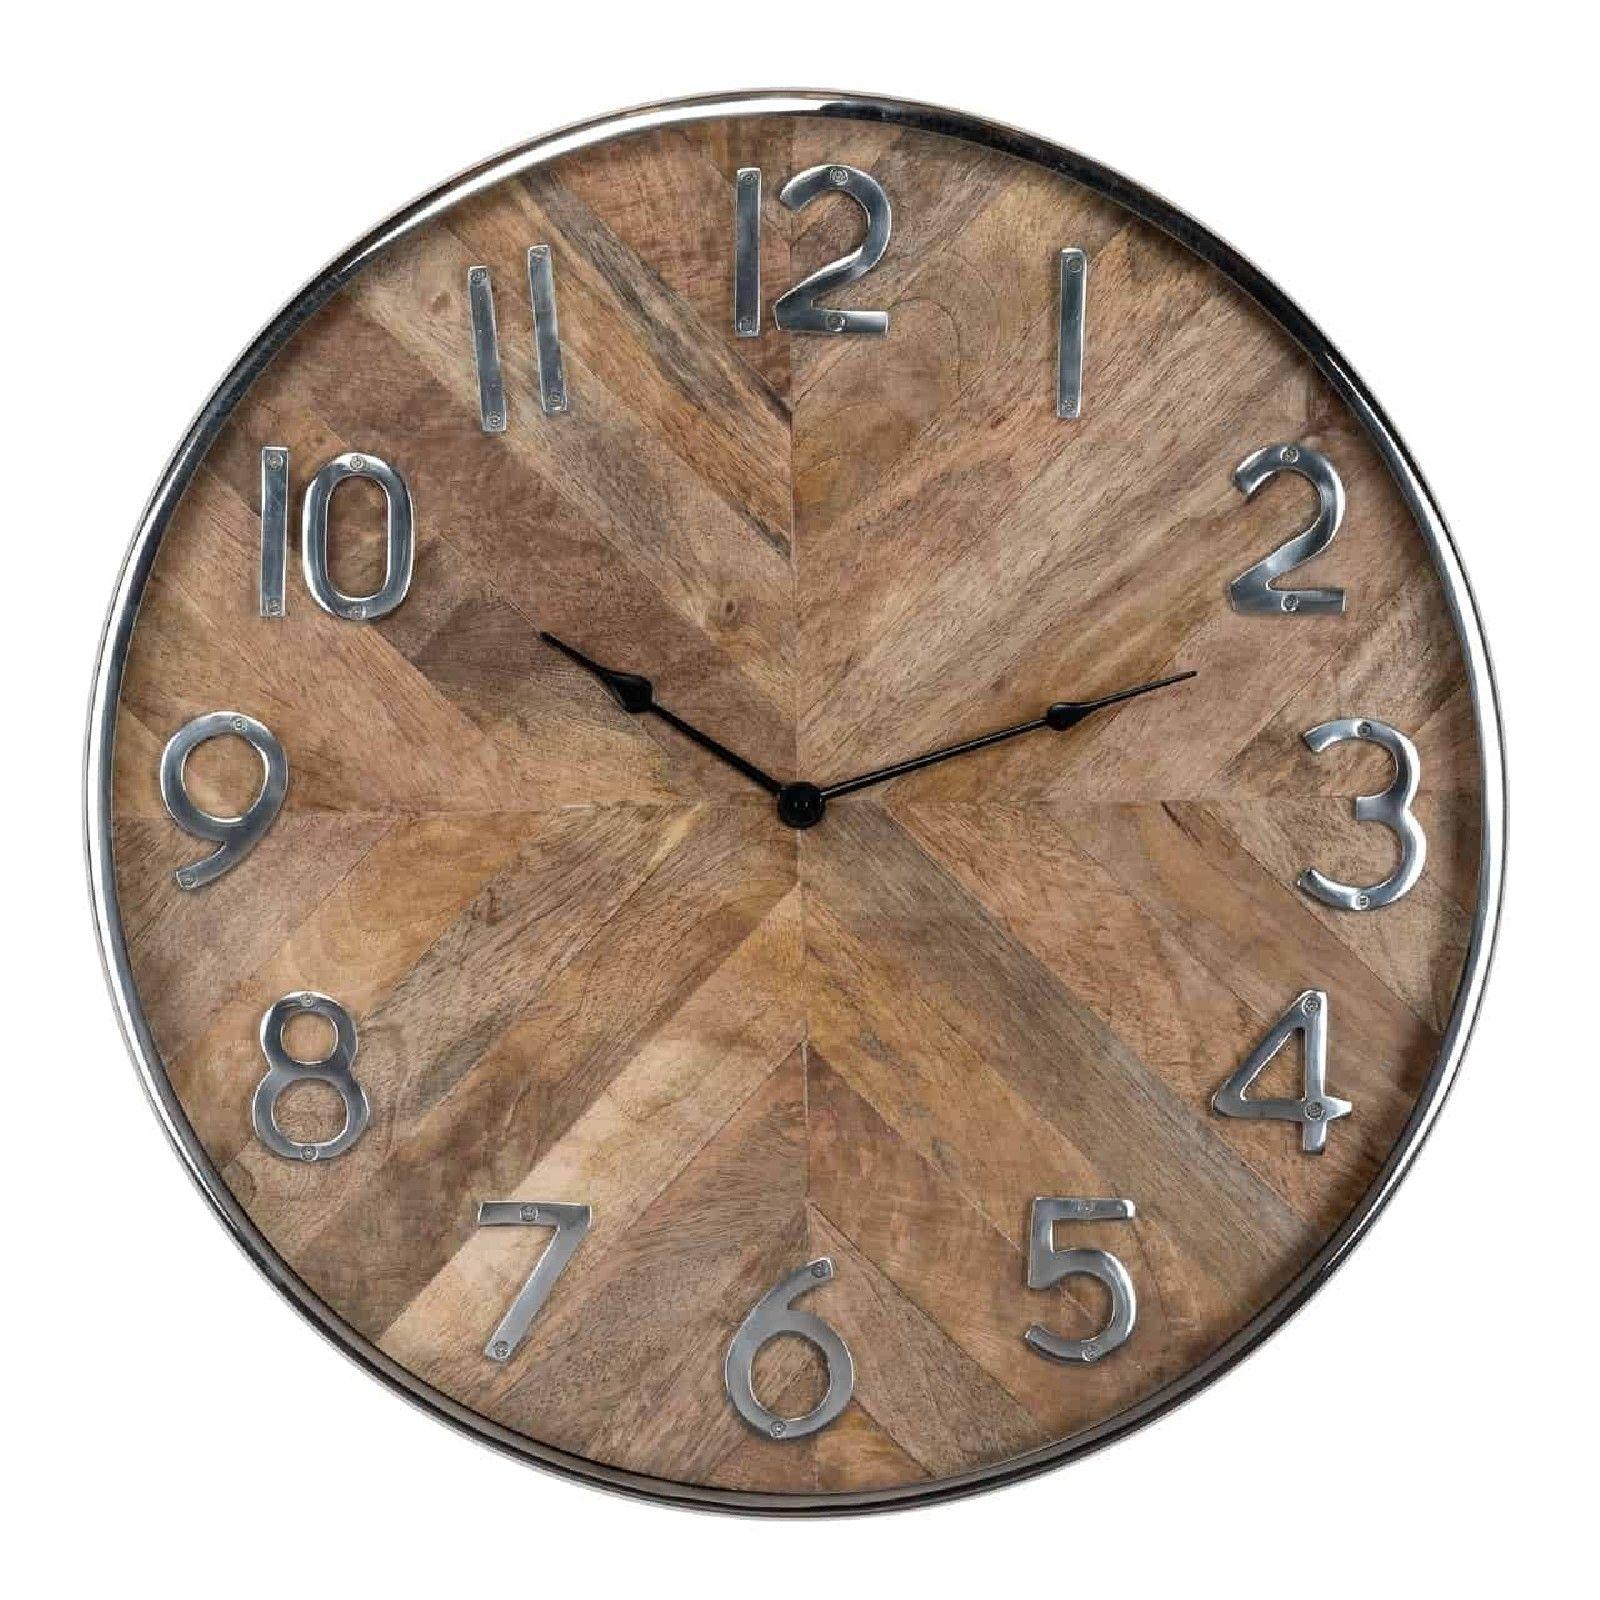 Horloge Jayden Horloges murales - 7